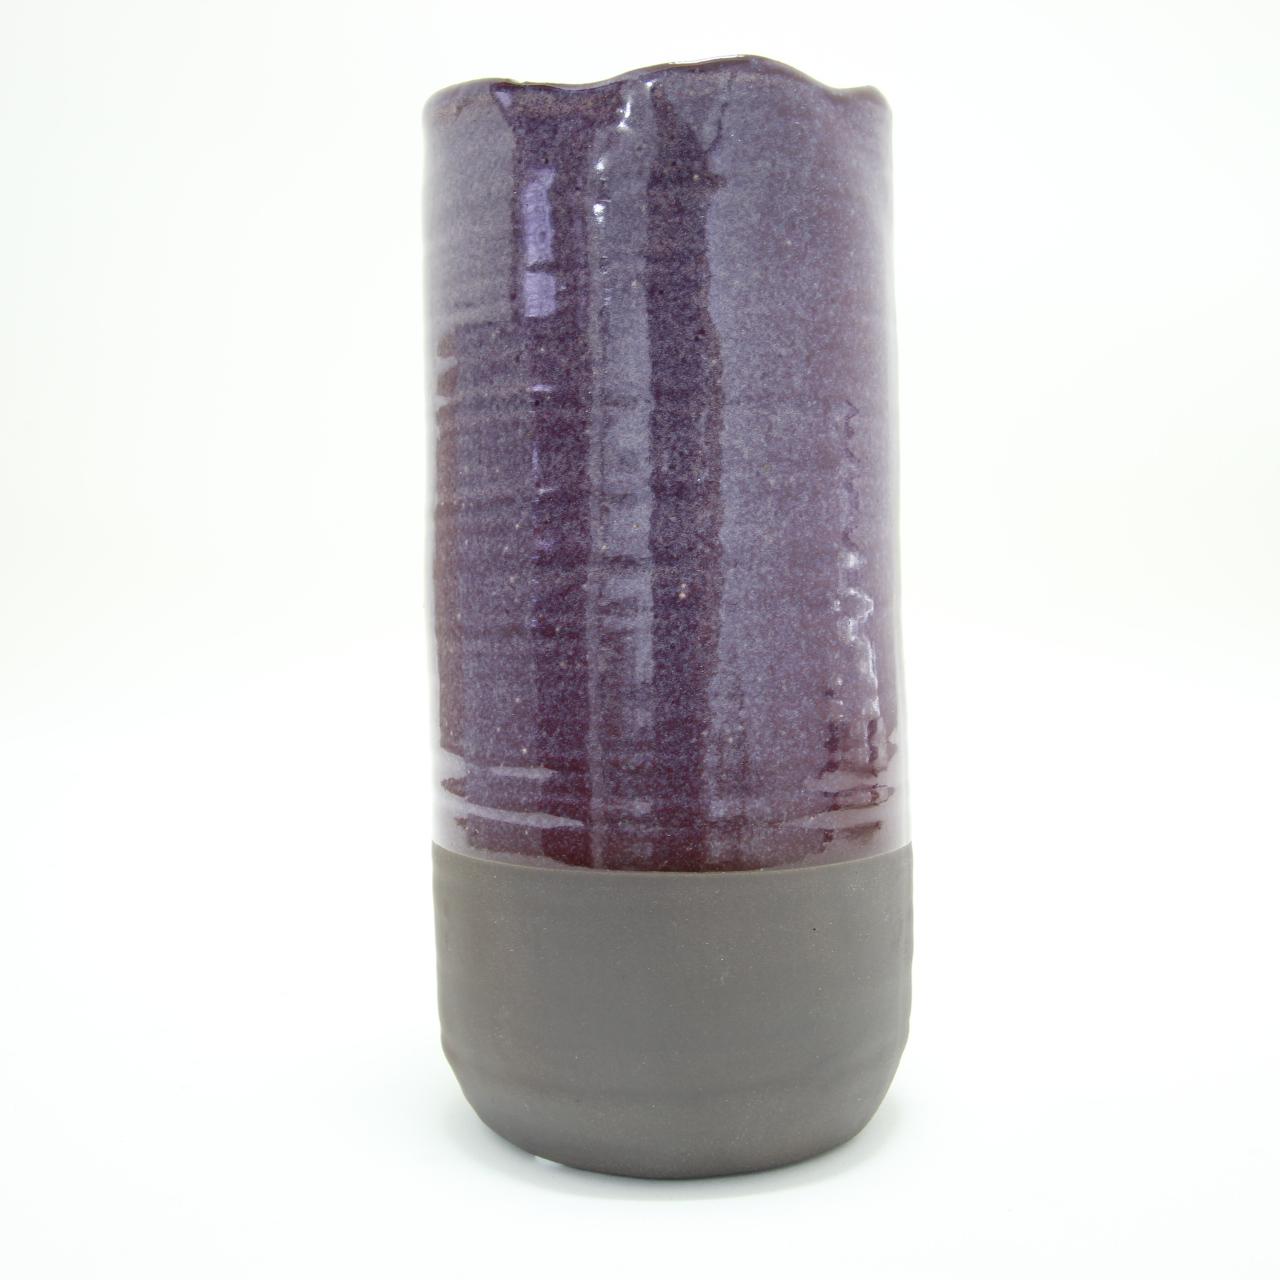 Vaso cerâmica cilindro grande 23x11cm Santa Cecília